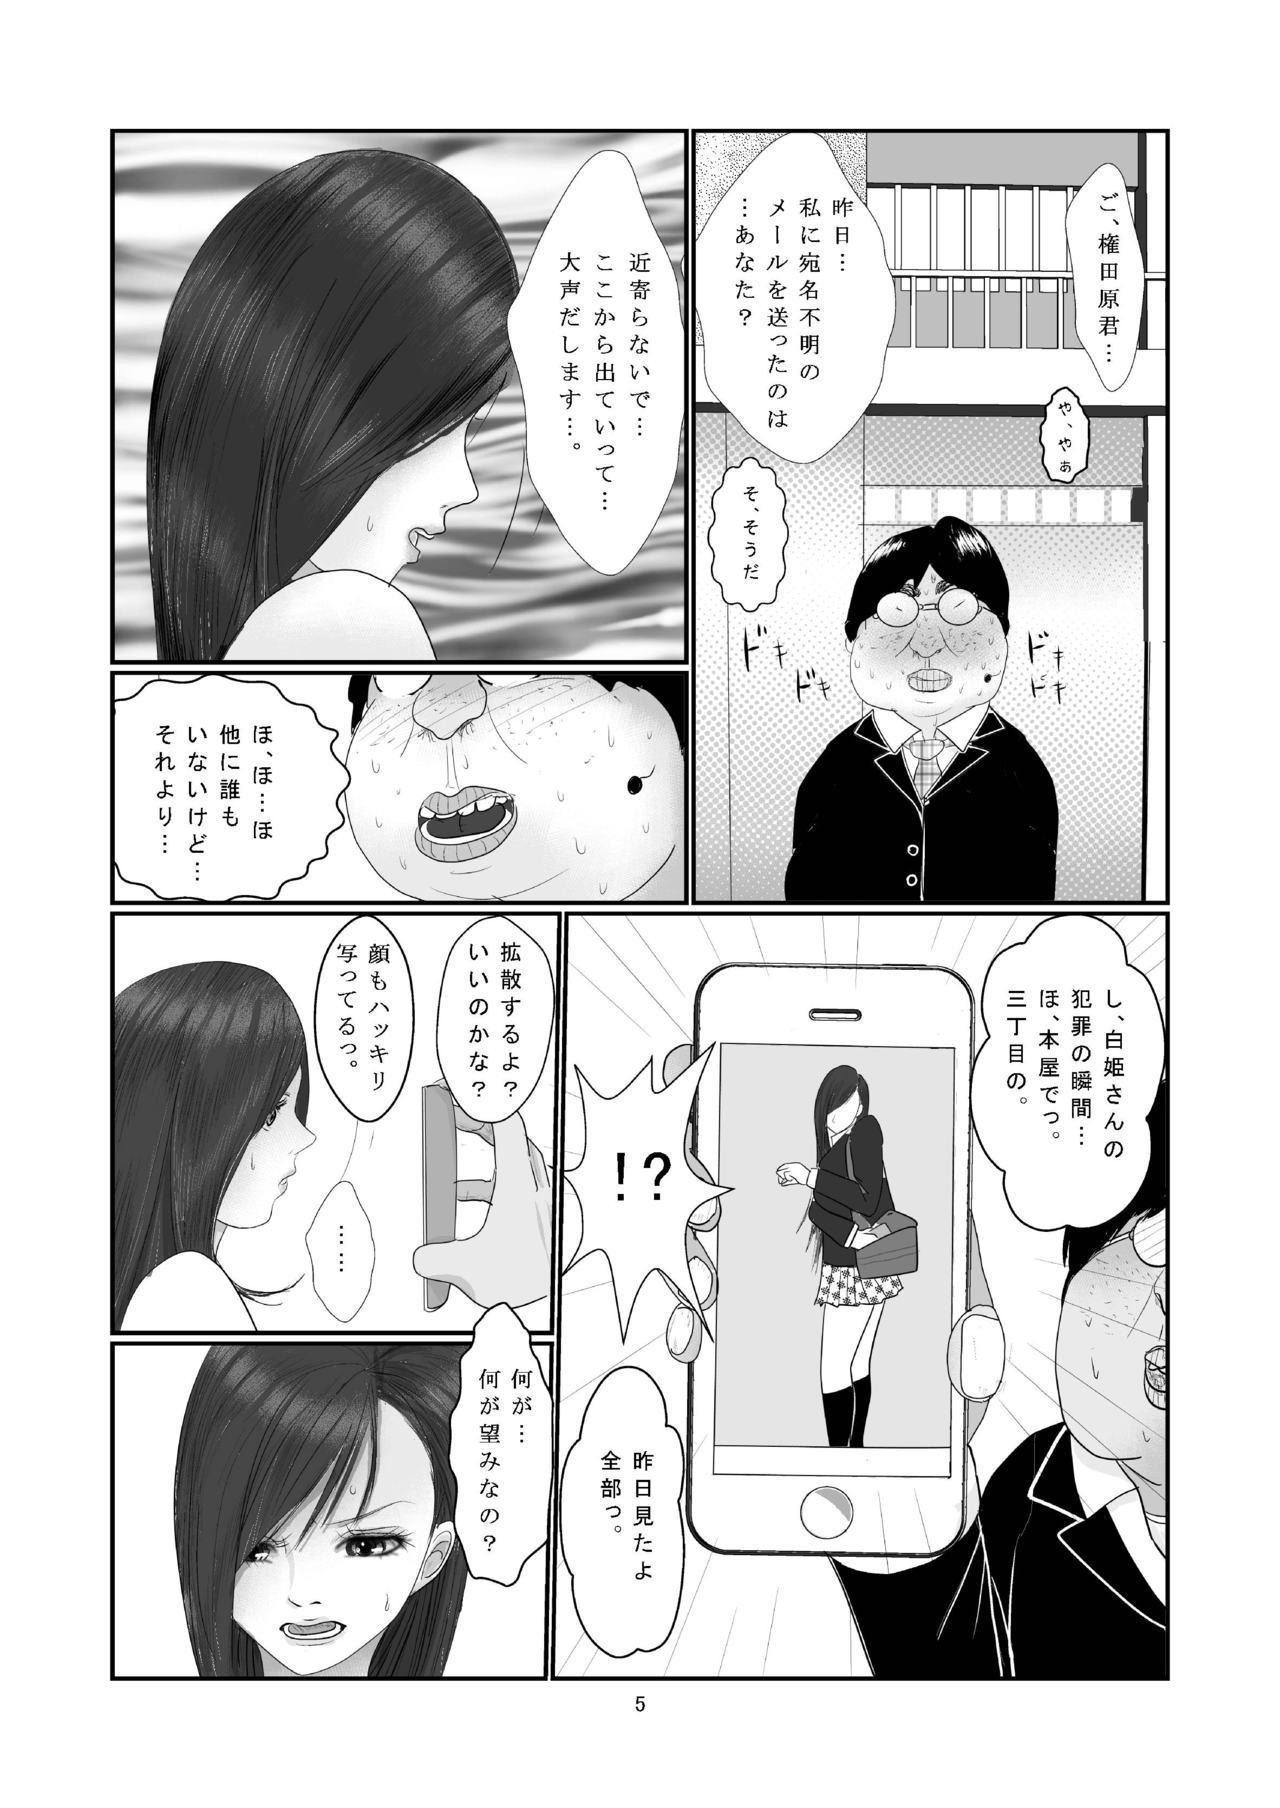 Suieibu - Shirahime Saya no Dokuzai 5